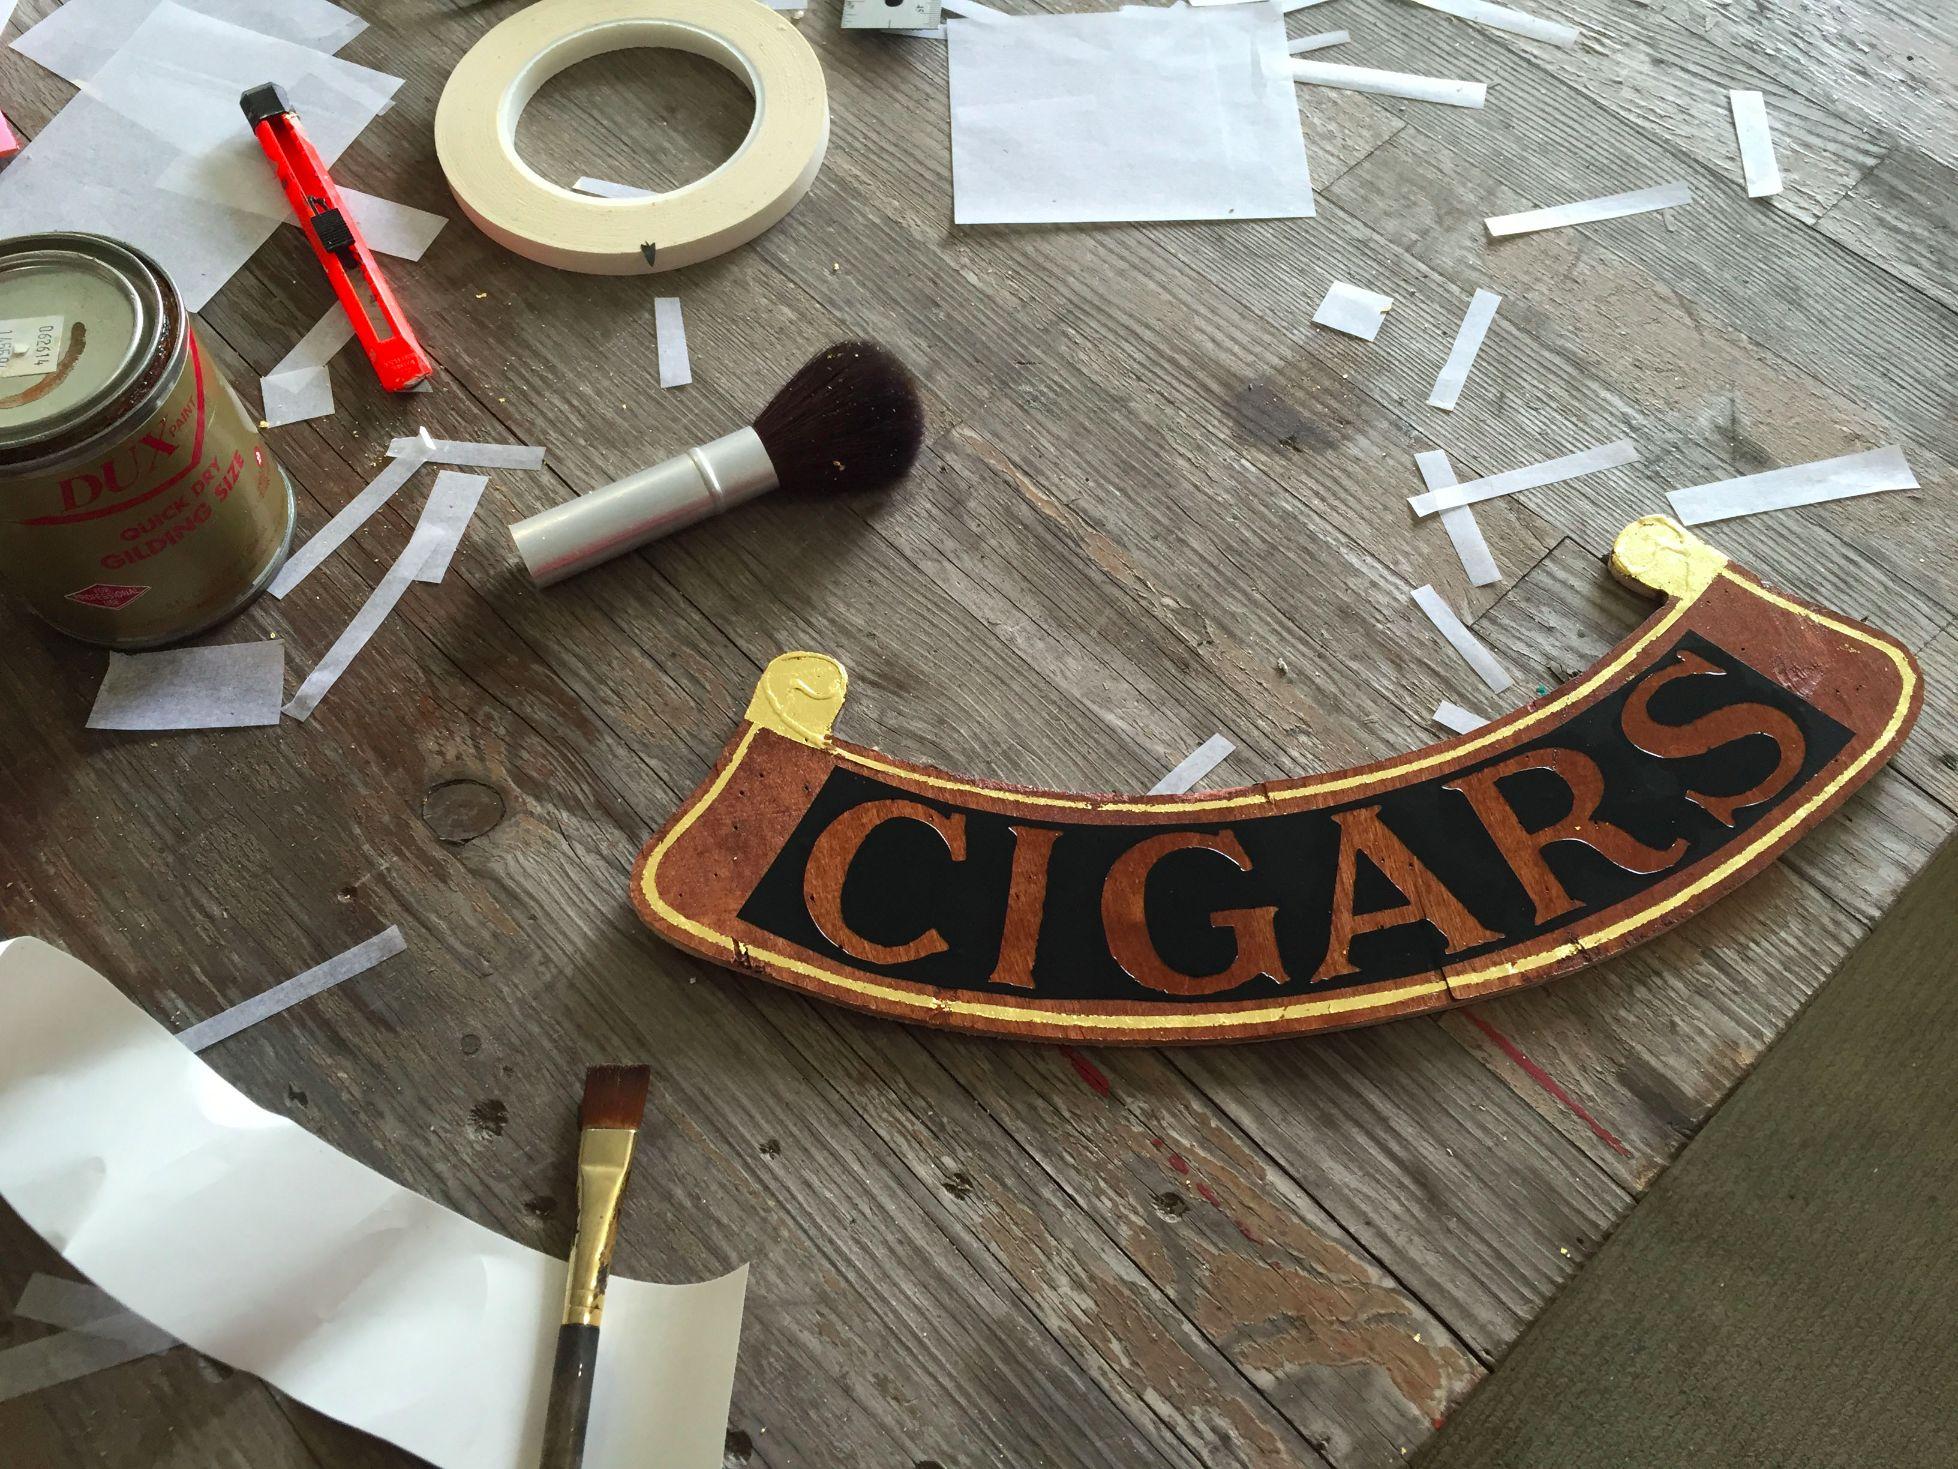 29 cigar.jpg